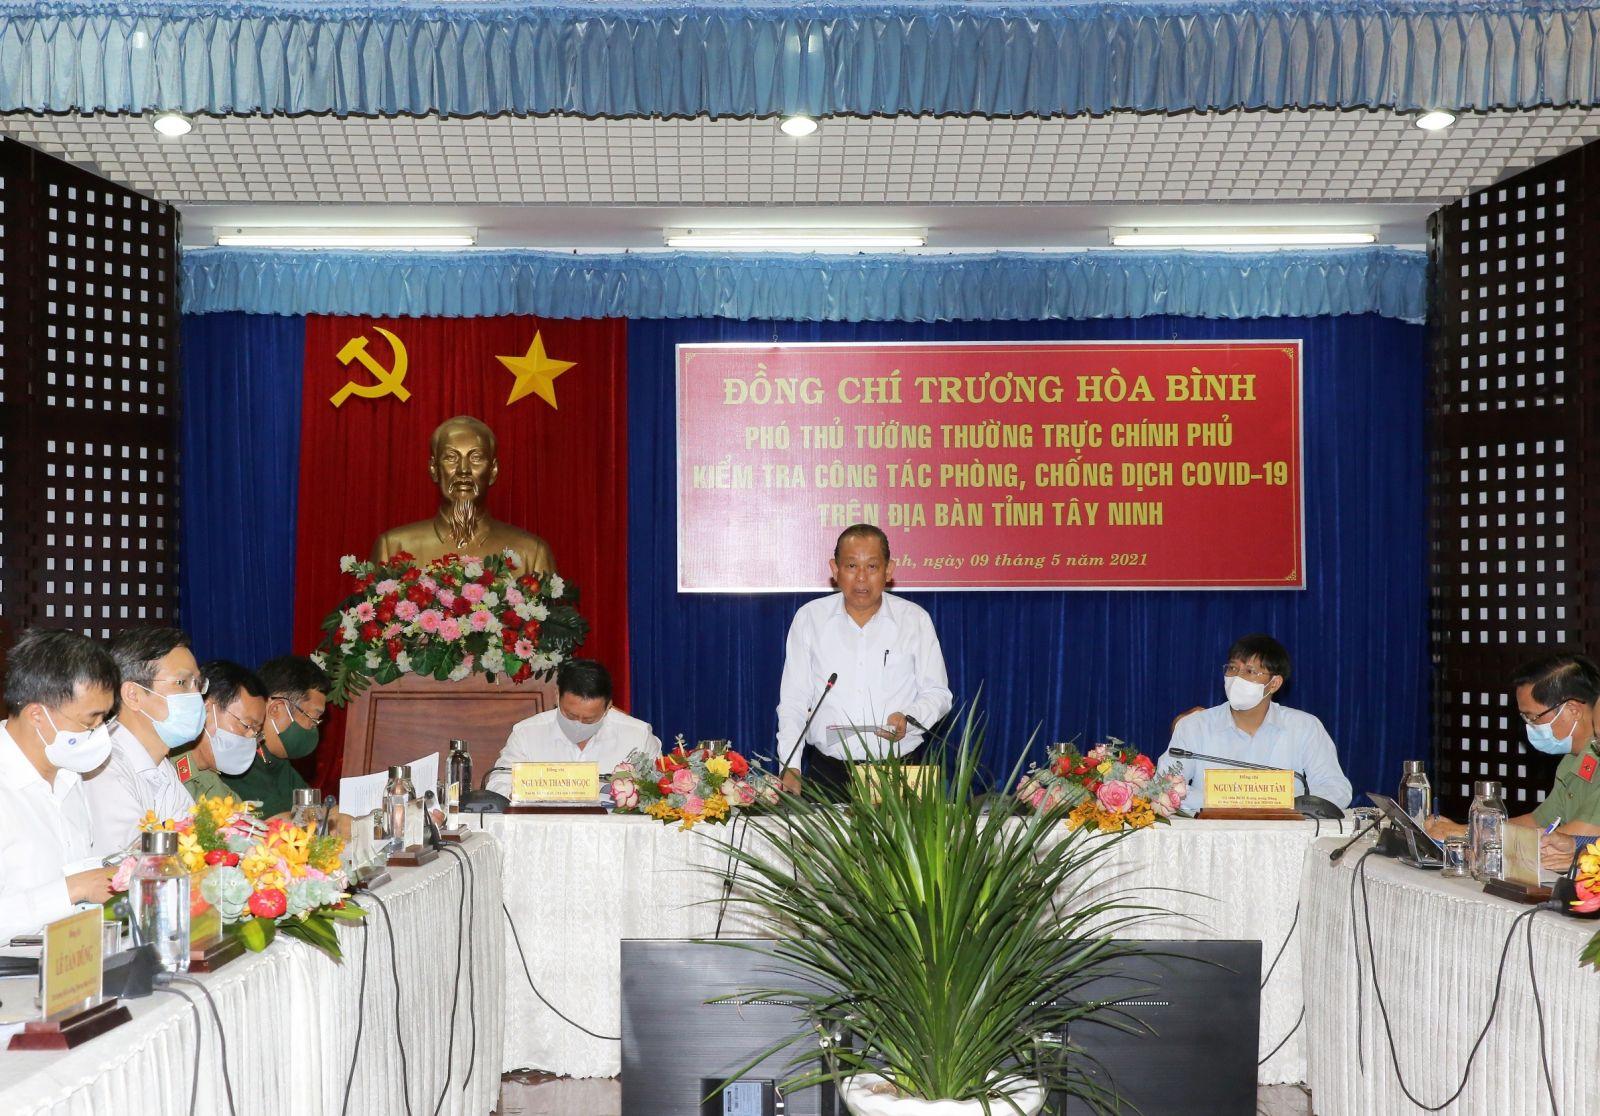 Phó thủ tướng Thường trực Chính phủ Trương Hòa Bình tại điểm cầu tỉnh Tây Ninh. Ảnh: VGP/Mạnh Hùng